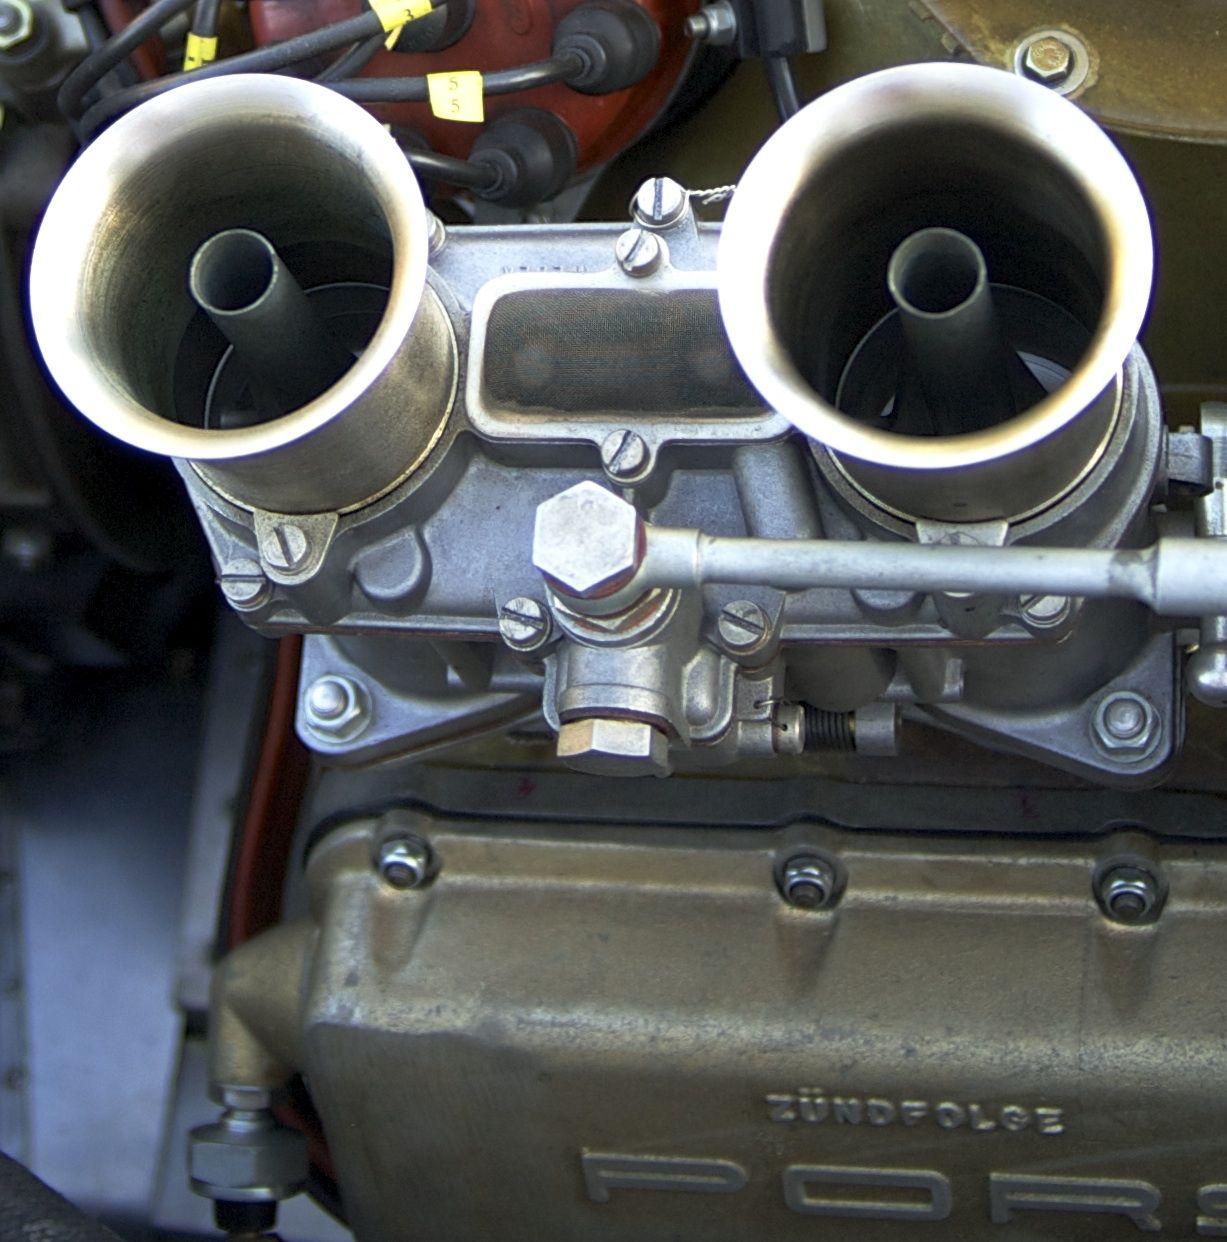 2.0 8cylinder Porsche Car engine, Motorcycle engine